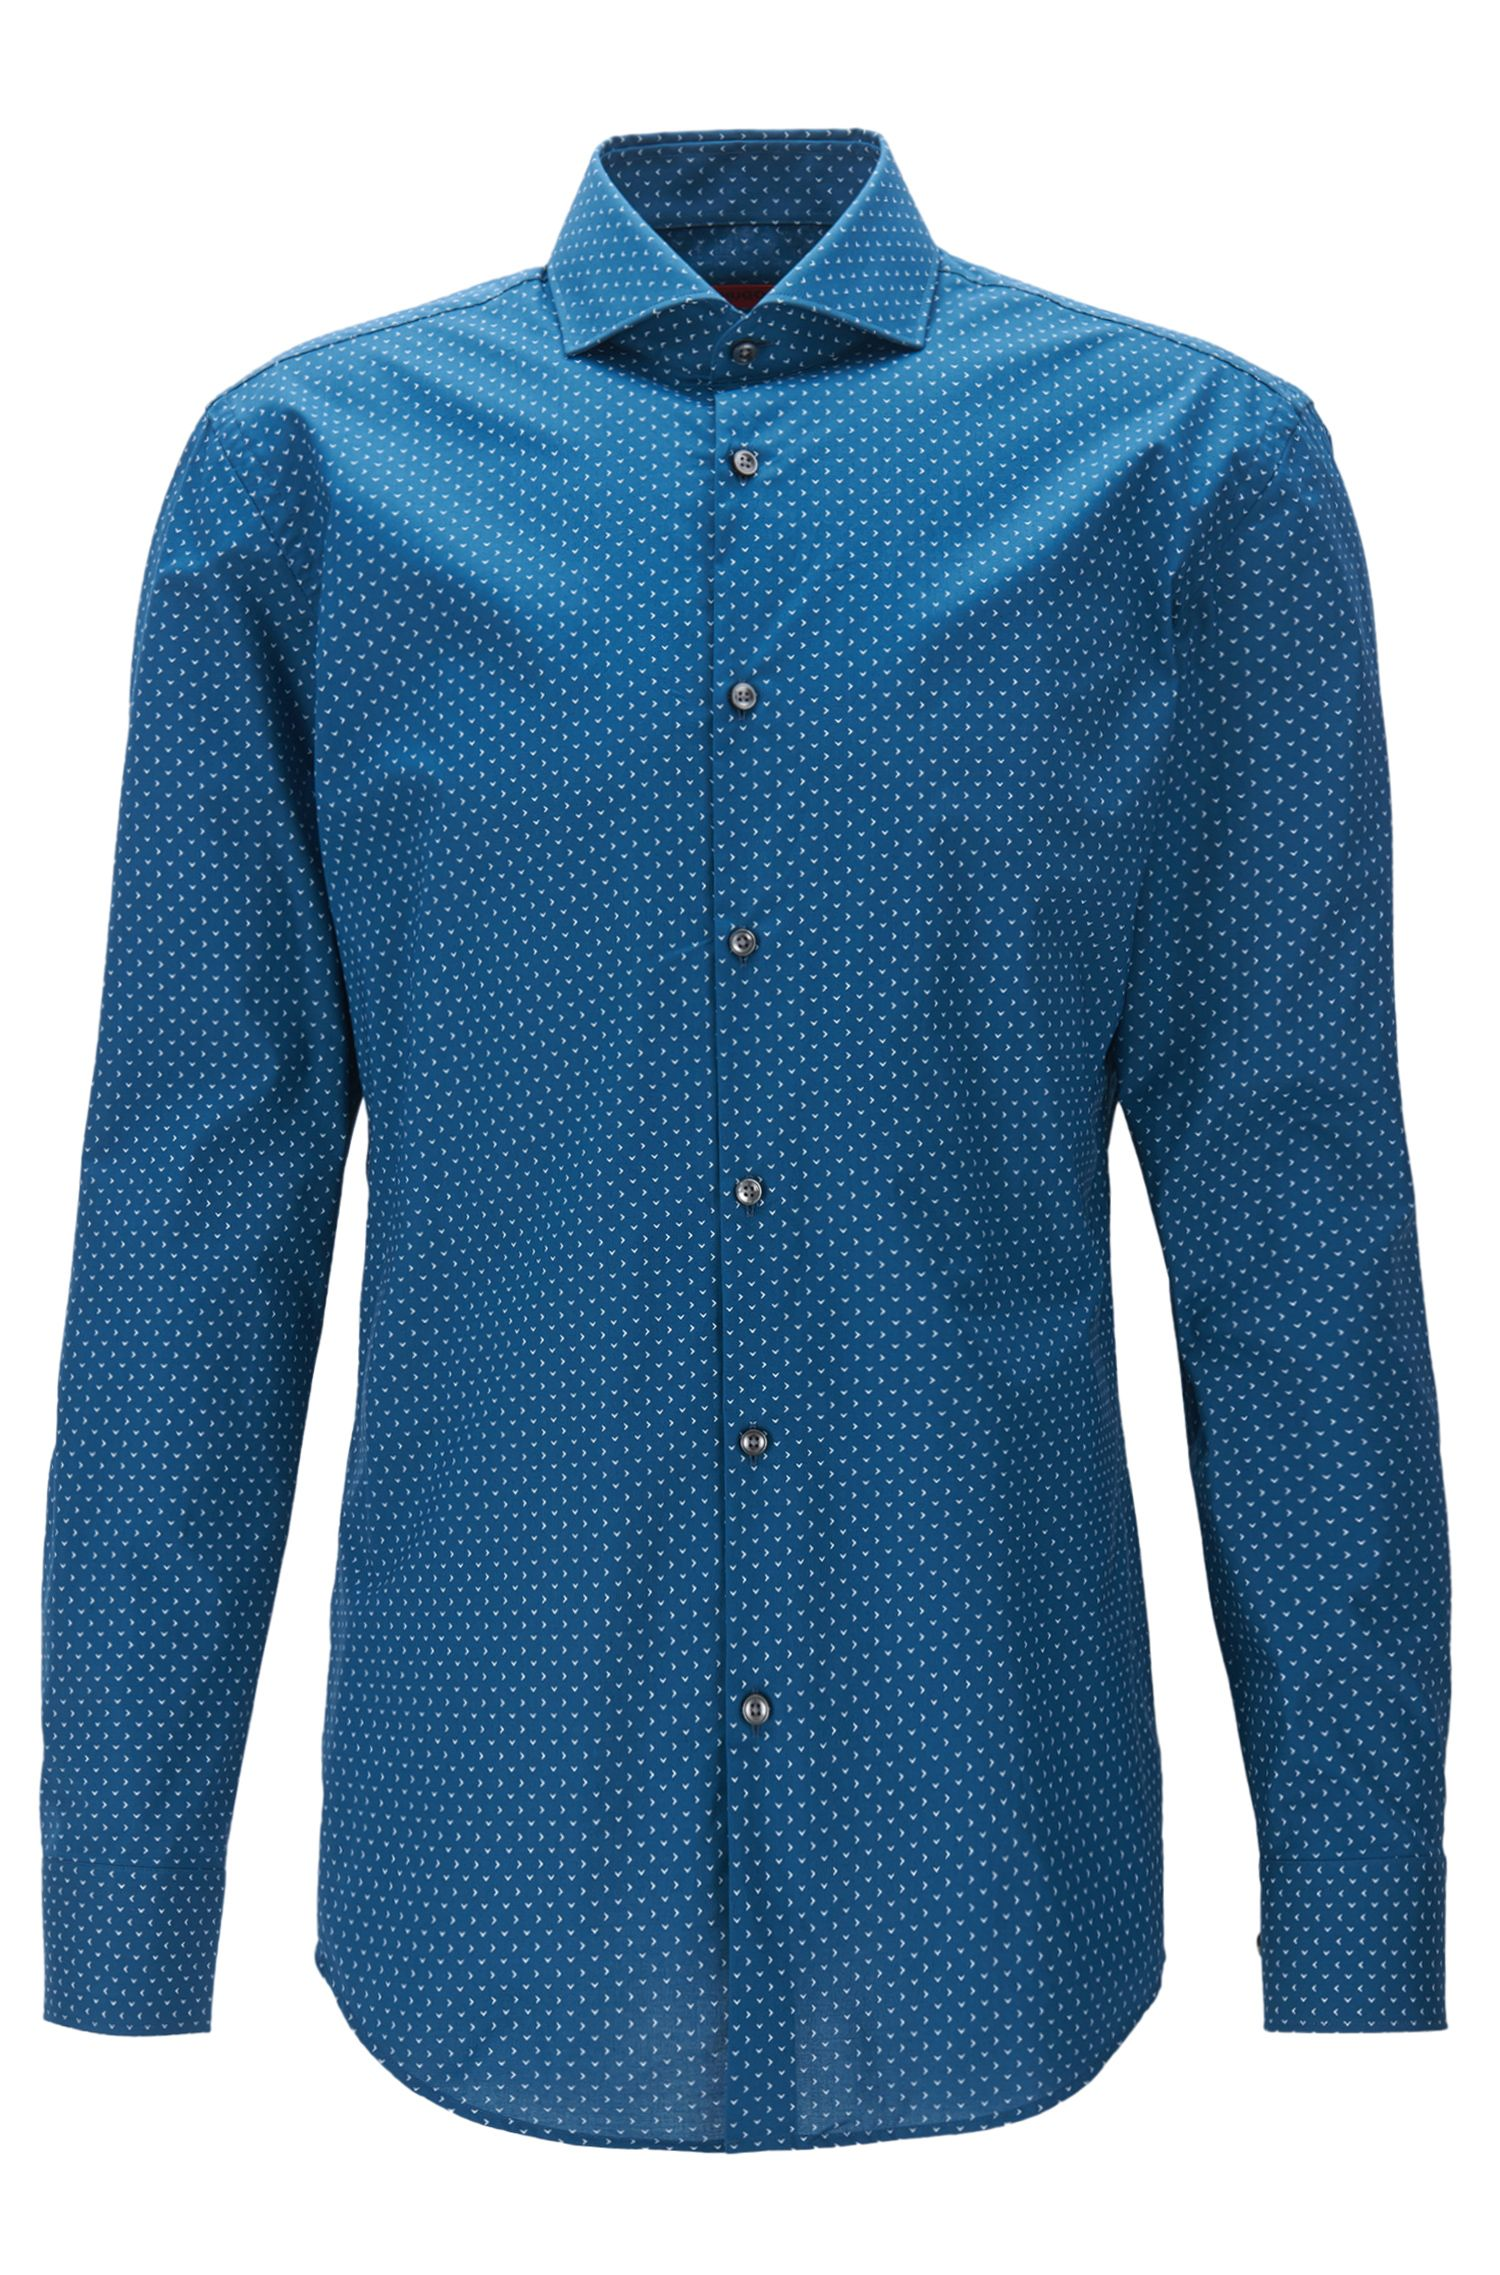 Camicia slim fit stampata in popeline di cotone